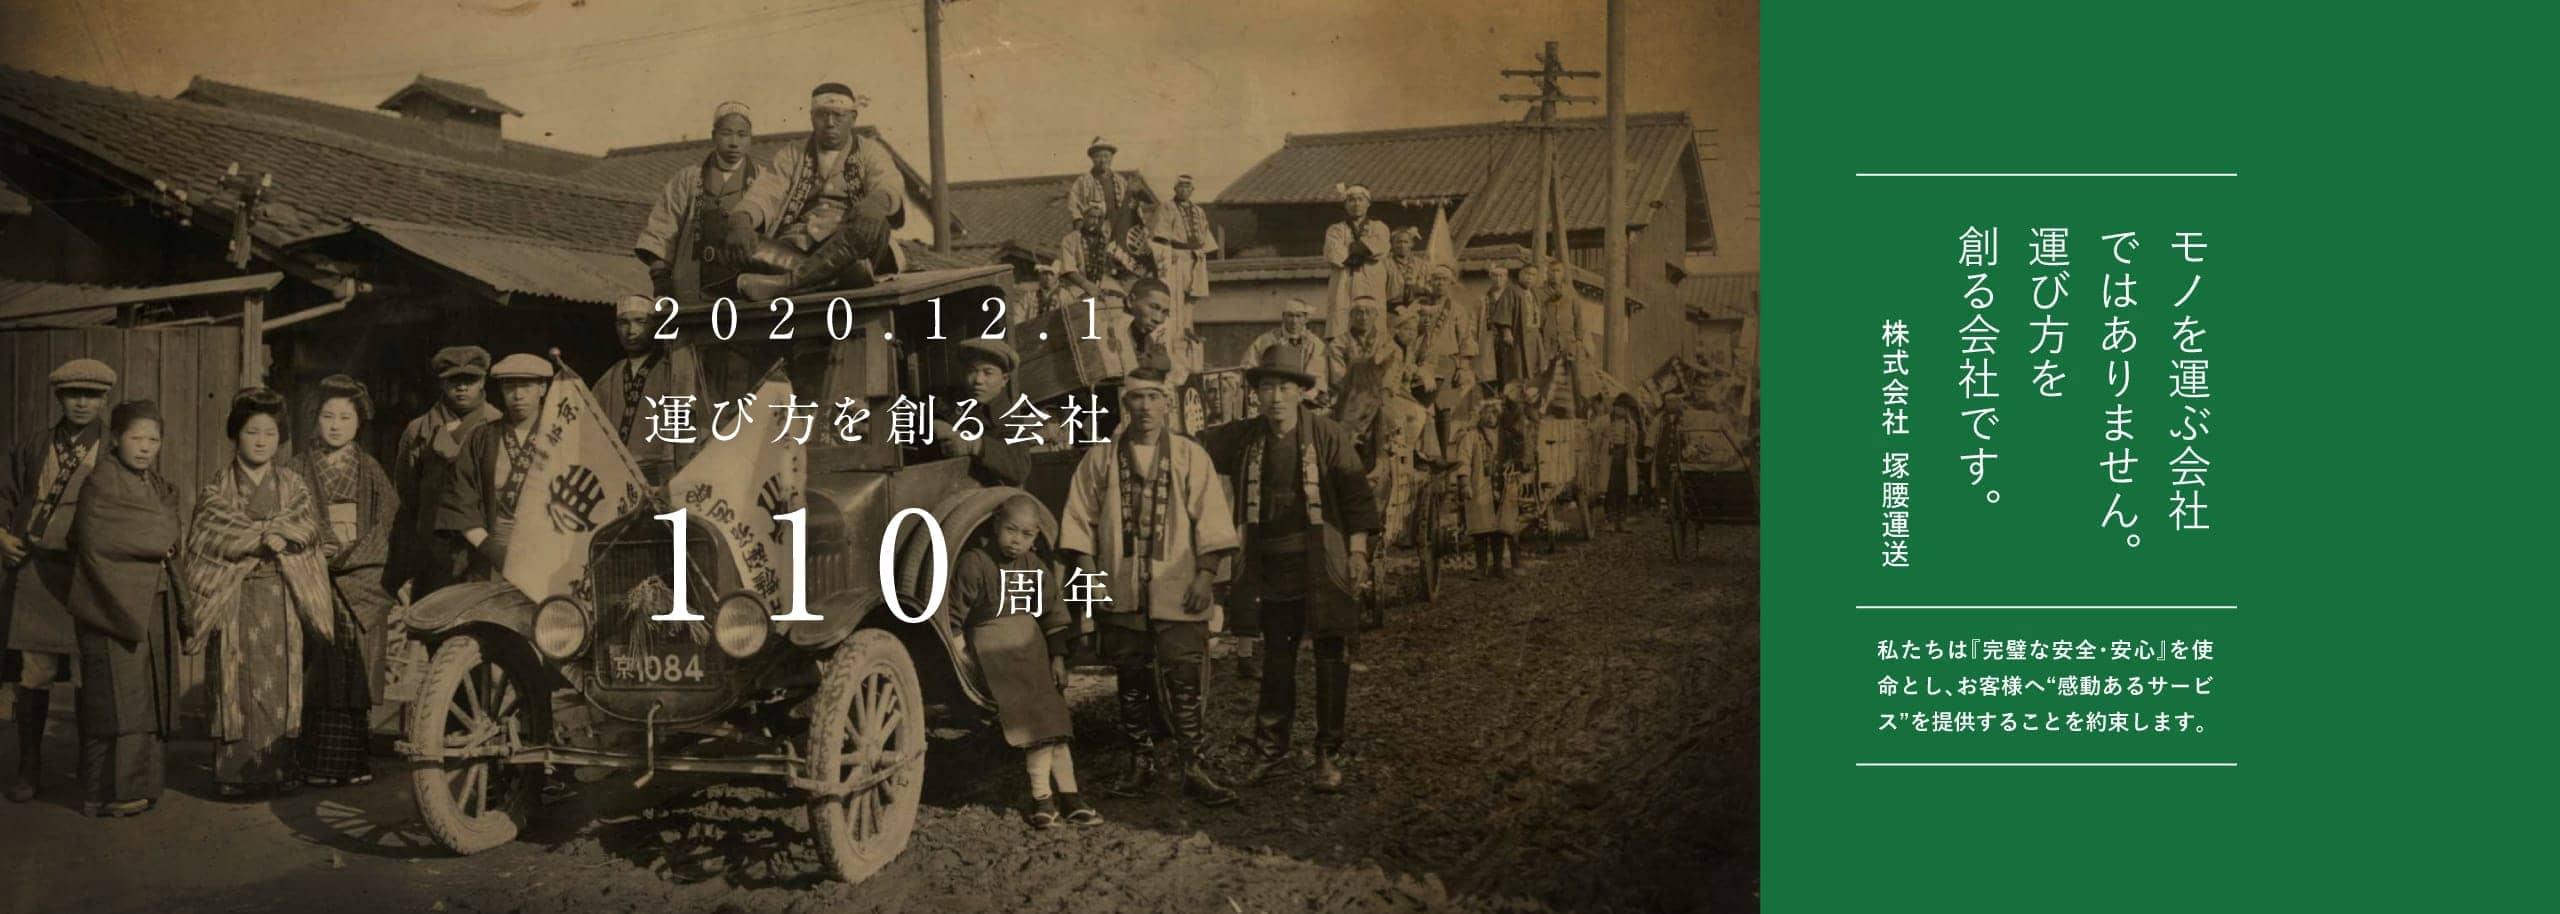 2020.12.1 運び方を創る会社 110周年